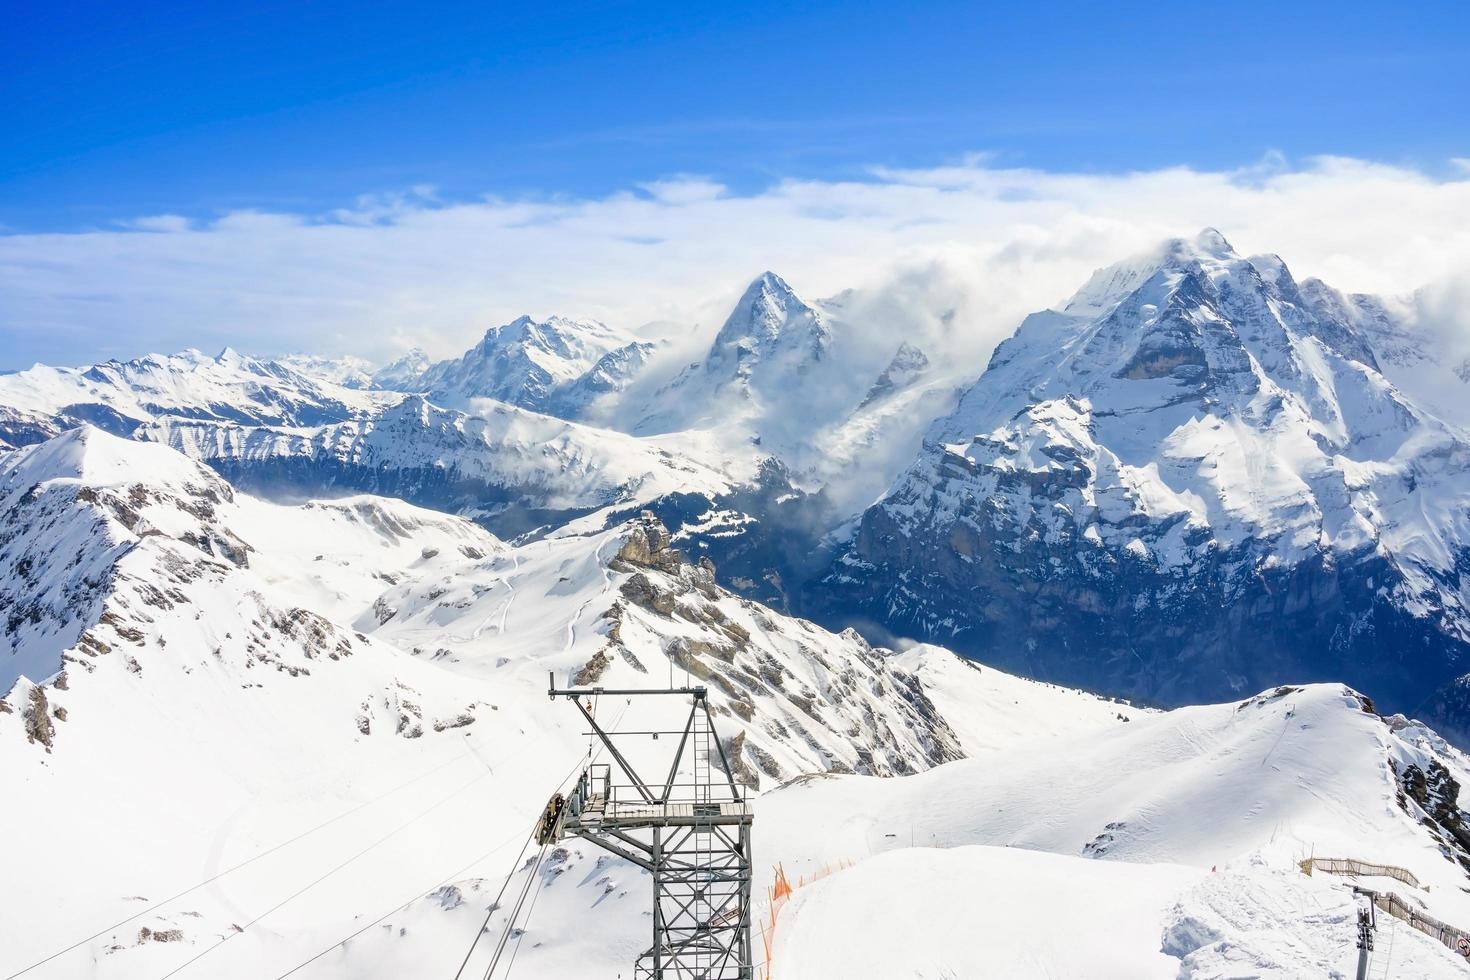 Stunning panoramic view of the Swiss Alps photo